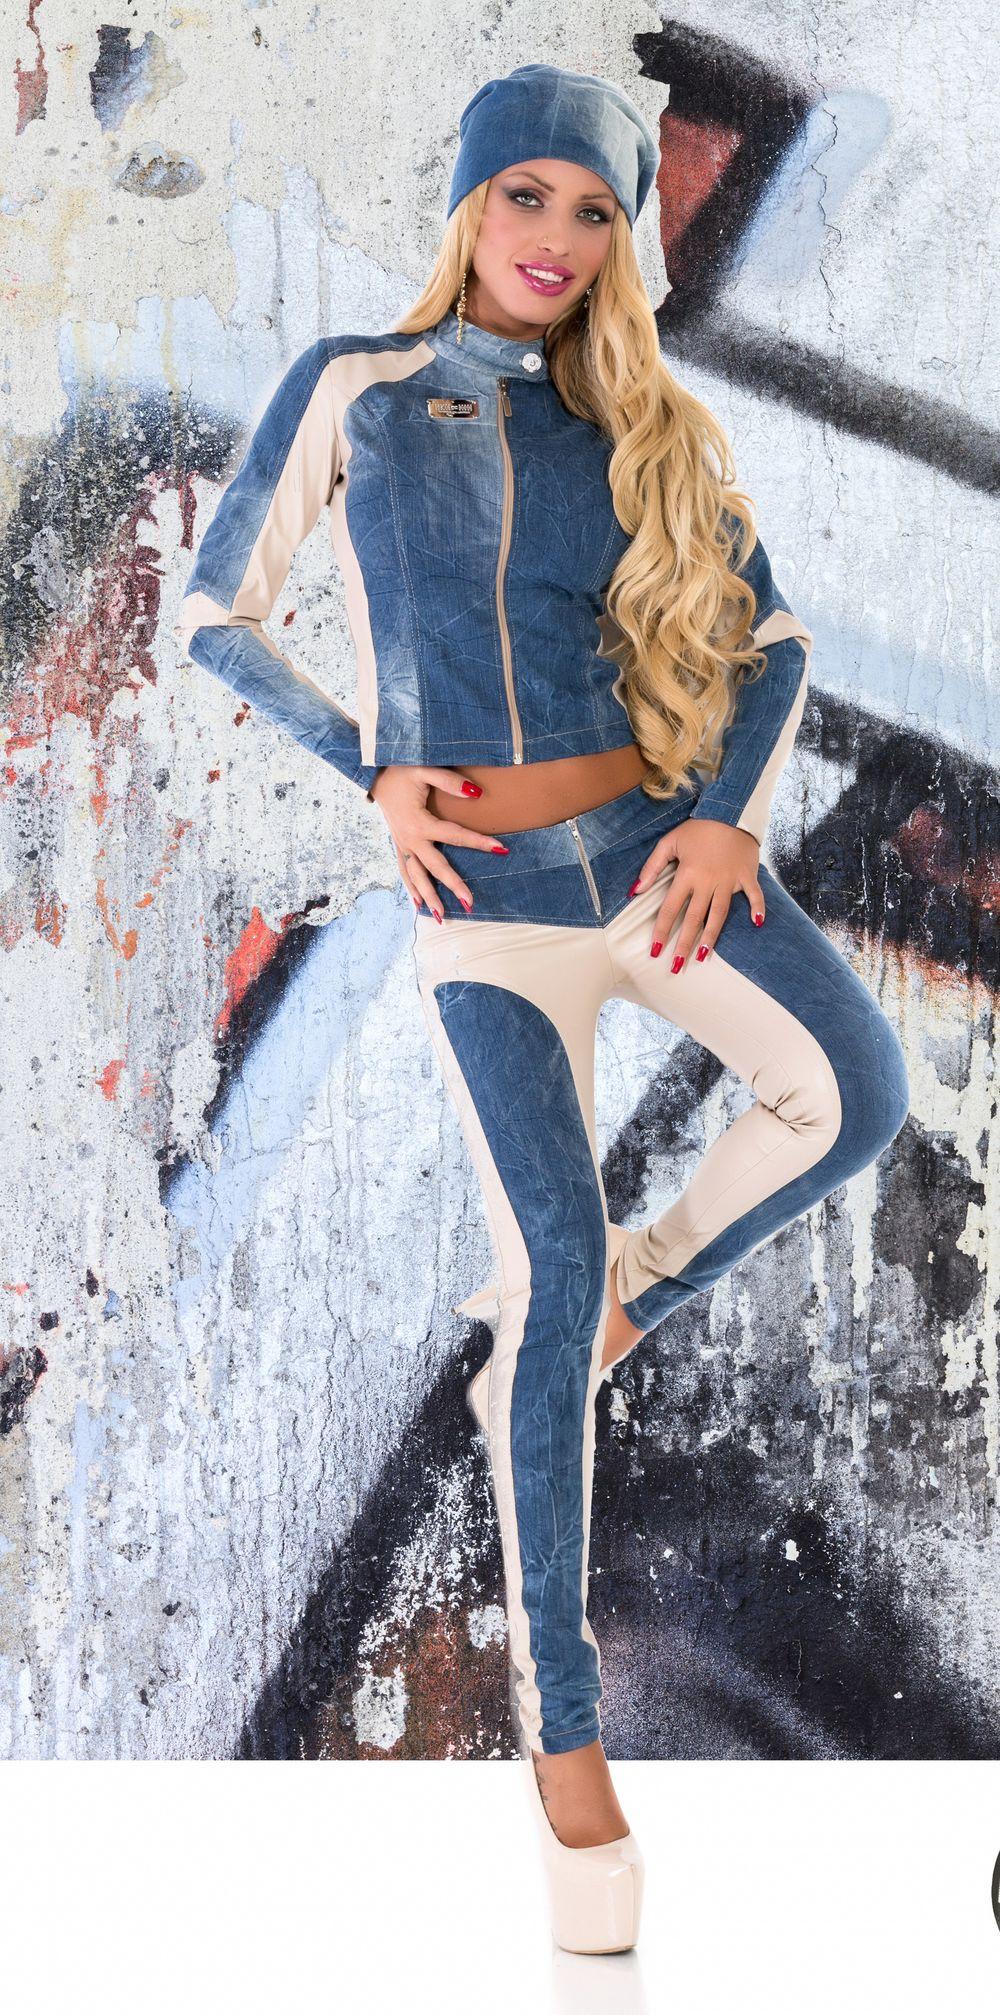 damen kombi set 2 teiler jacke hose r hrenhose h fthose jeans clubware 36 s 454 ebay. Black Bedroom Furniture Sets. Home Design Ideas